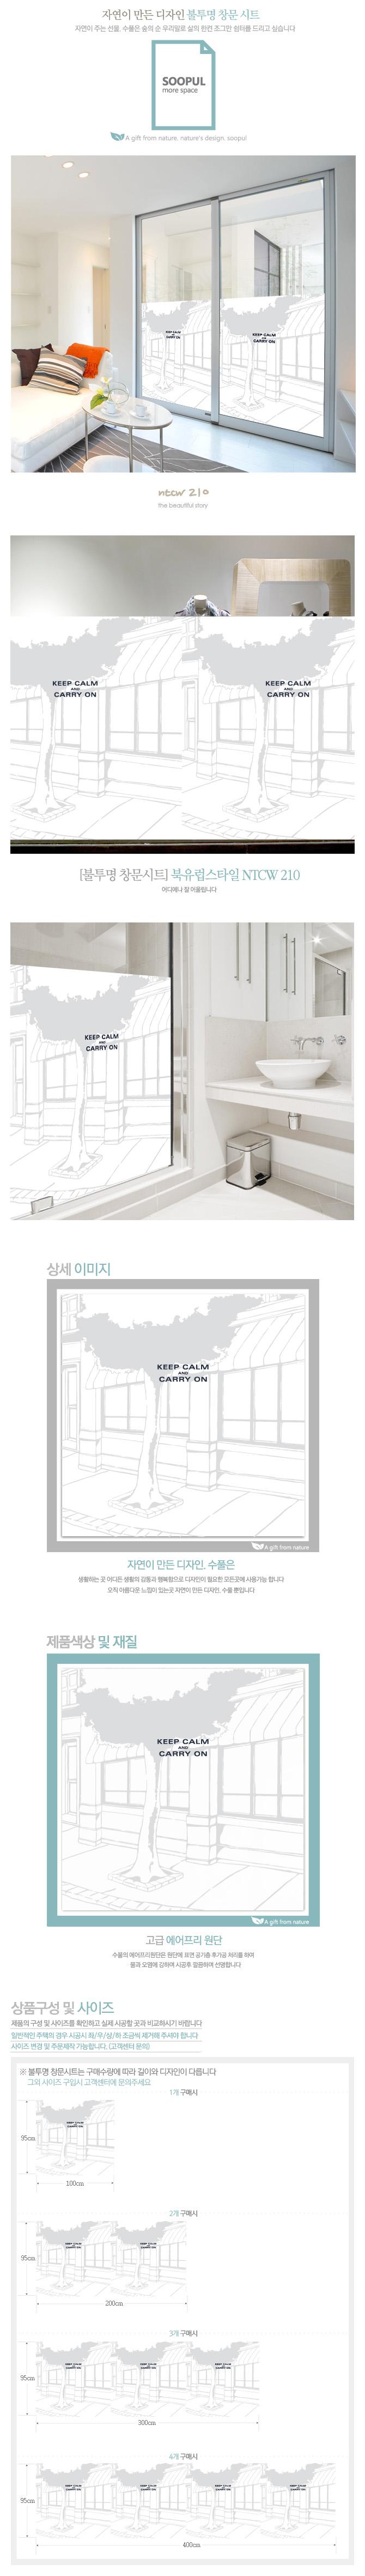 불투명 창문시트지 북유럽 스타일 NTCW 210 - 수풀, 19,600원, 벽지/시트지, 디자인 시트지